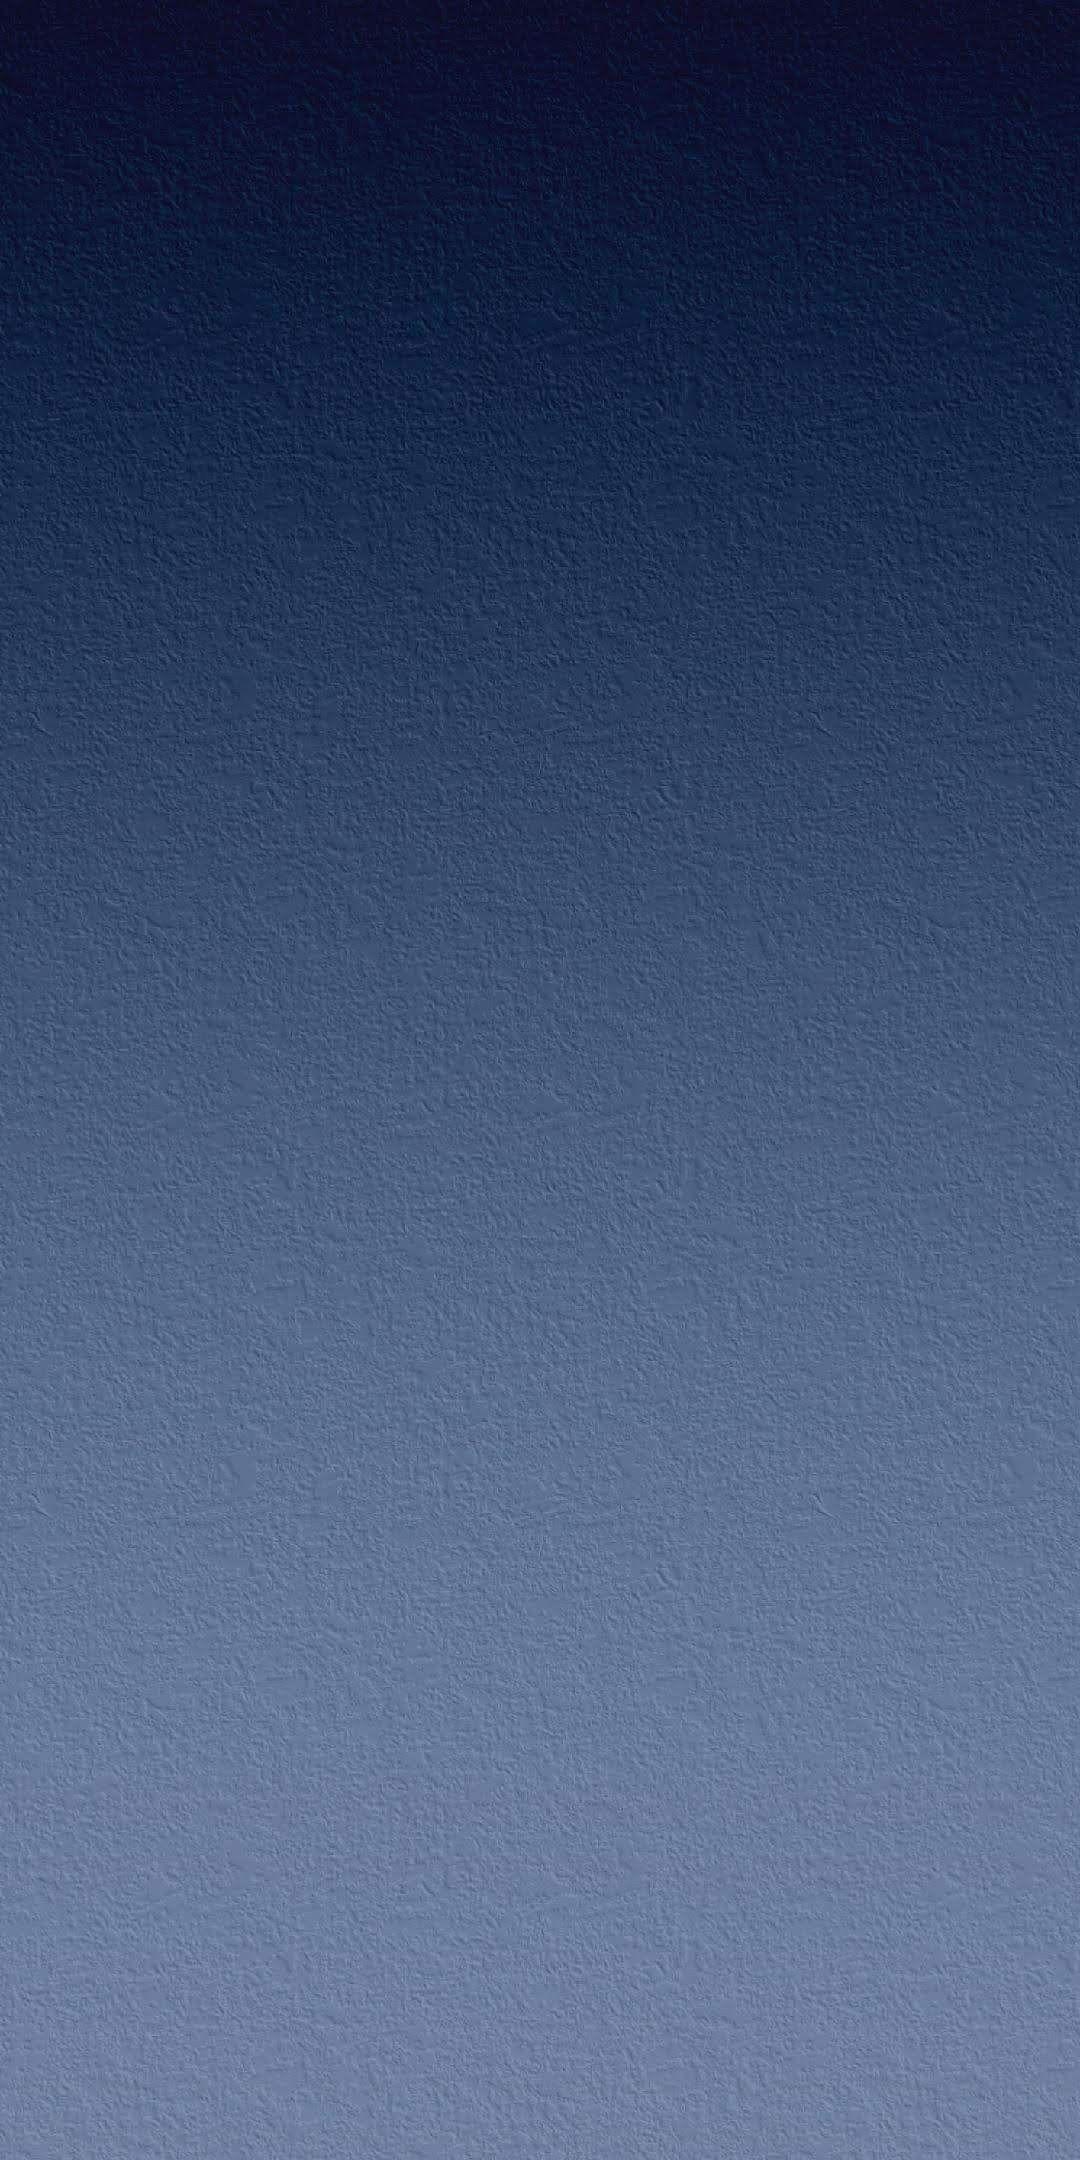 Lovely Plain Wallpaper For Phone Plain Wallpaper Blue Background Wallpapers Plain Wallpaper Iphone Dark blue plain wallpaper hd